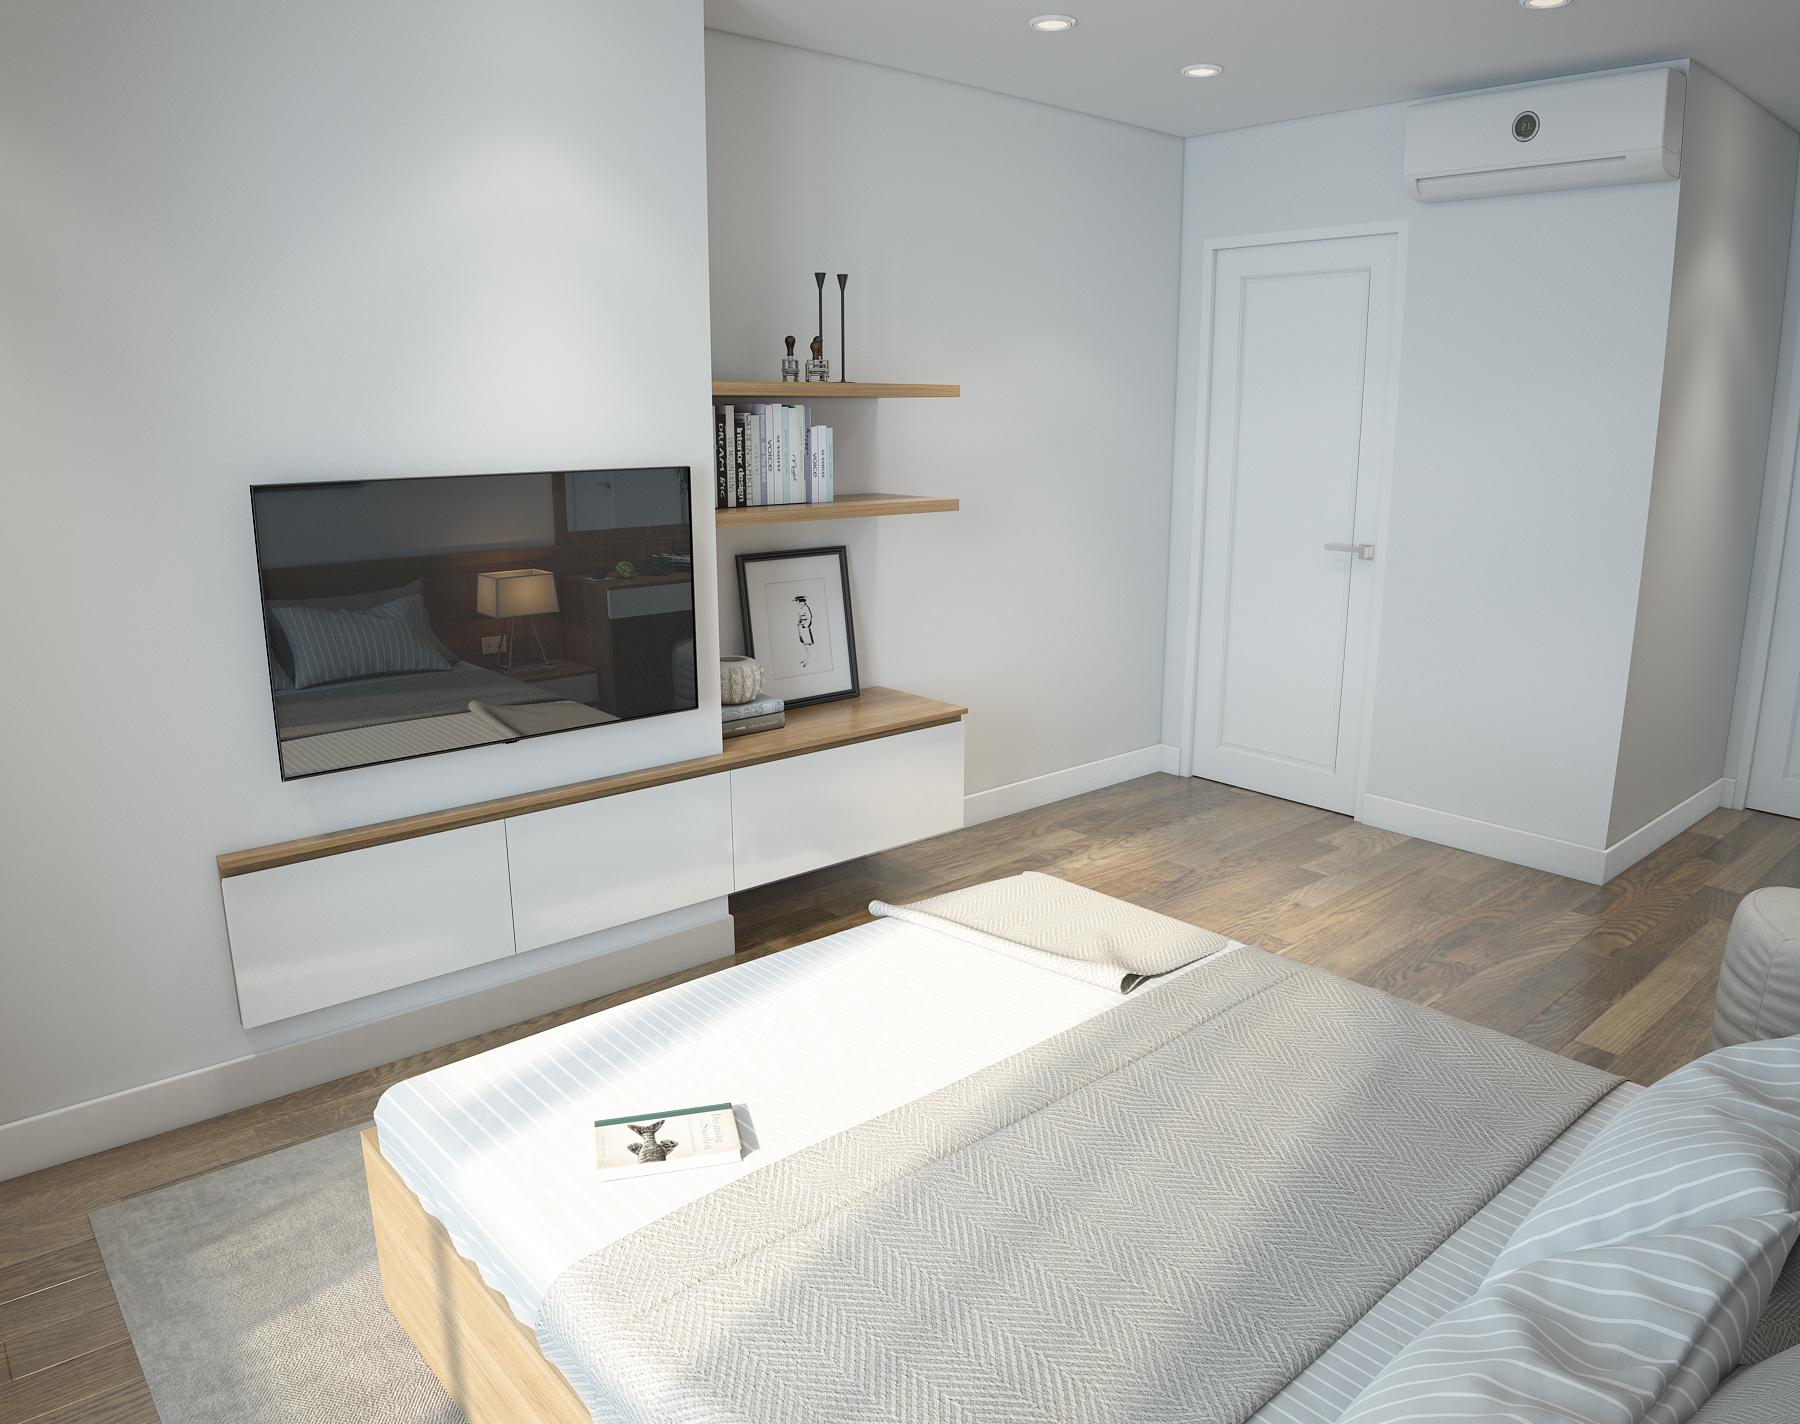 thiết kế nội thất chung cư tại Hà Nội Chung Cư An Bình City 19 1538039753